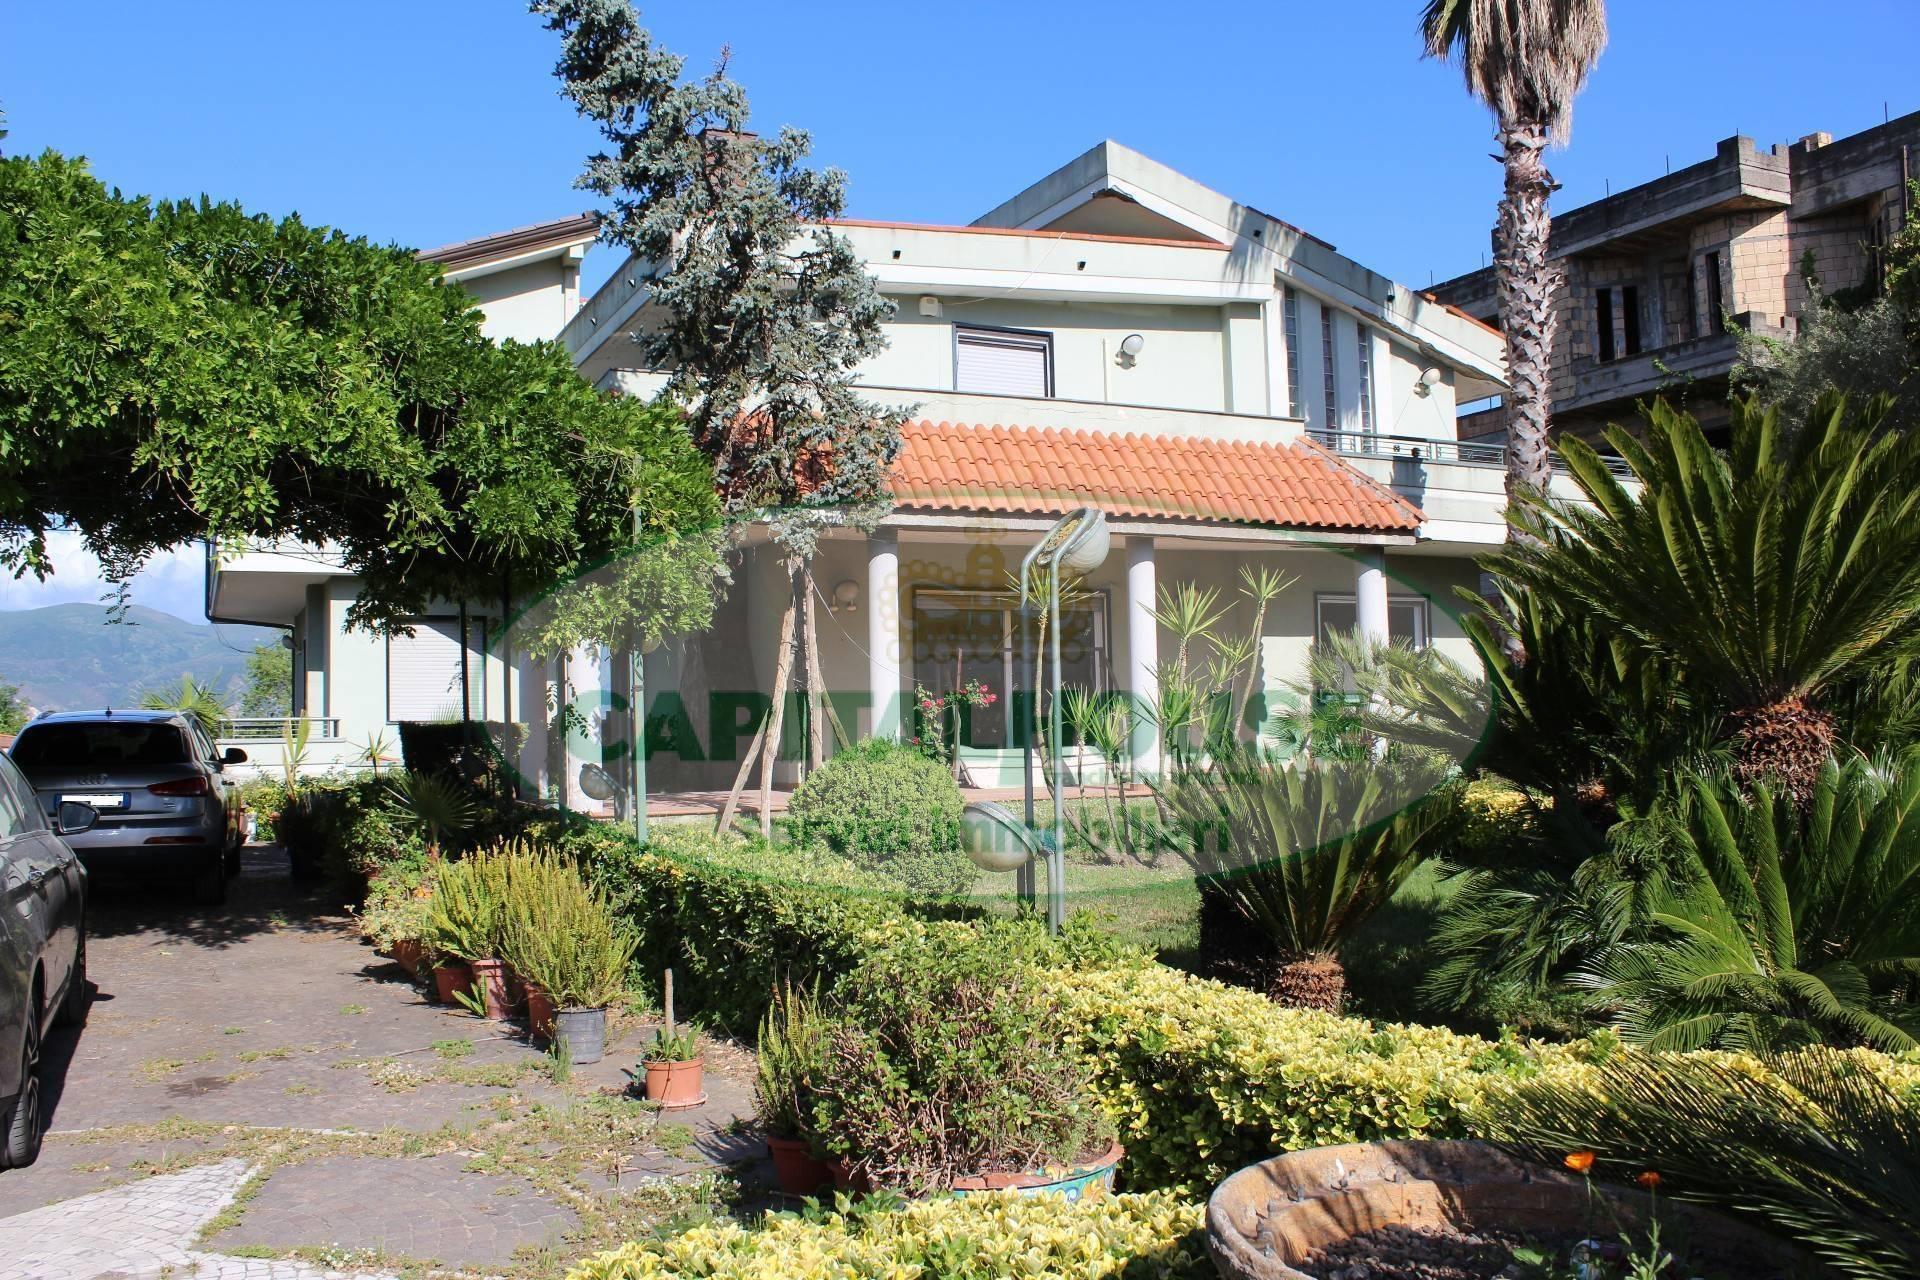 Villa in affitto a Ottaviano, 6 locali, Trattative riservate | CambioCasa.it